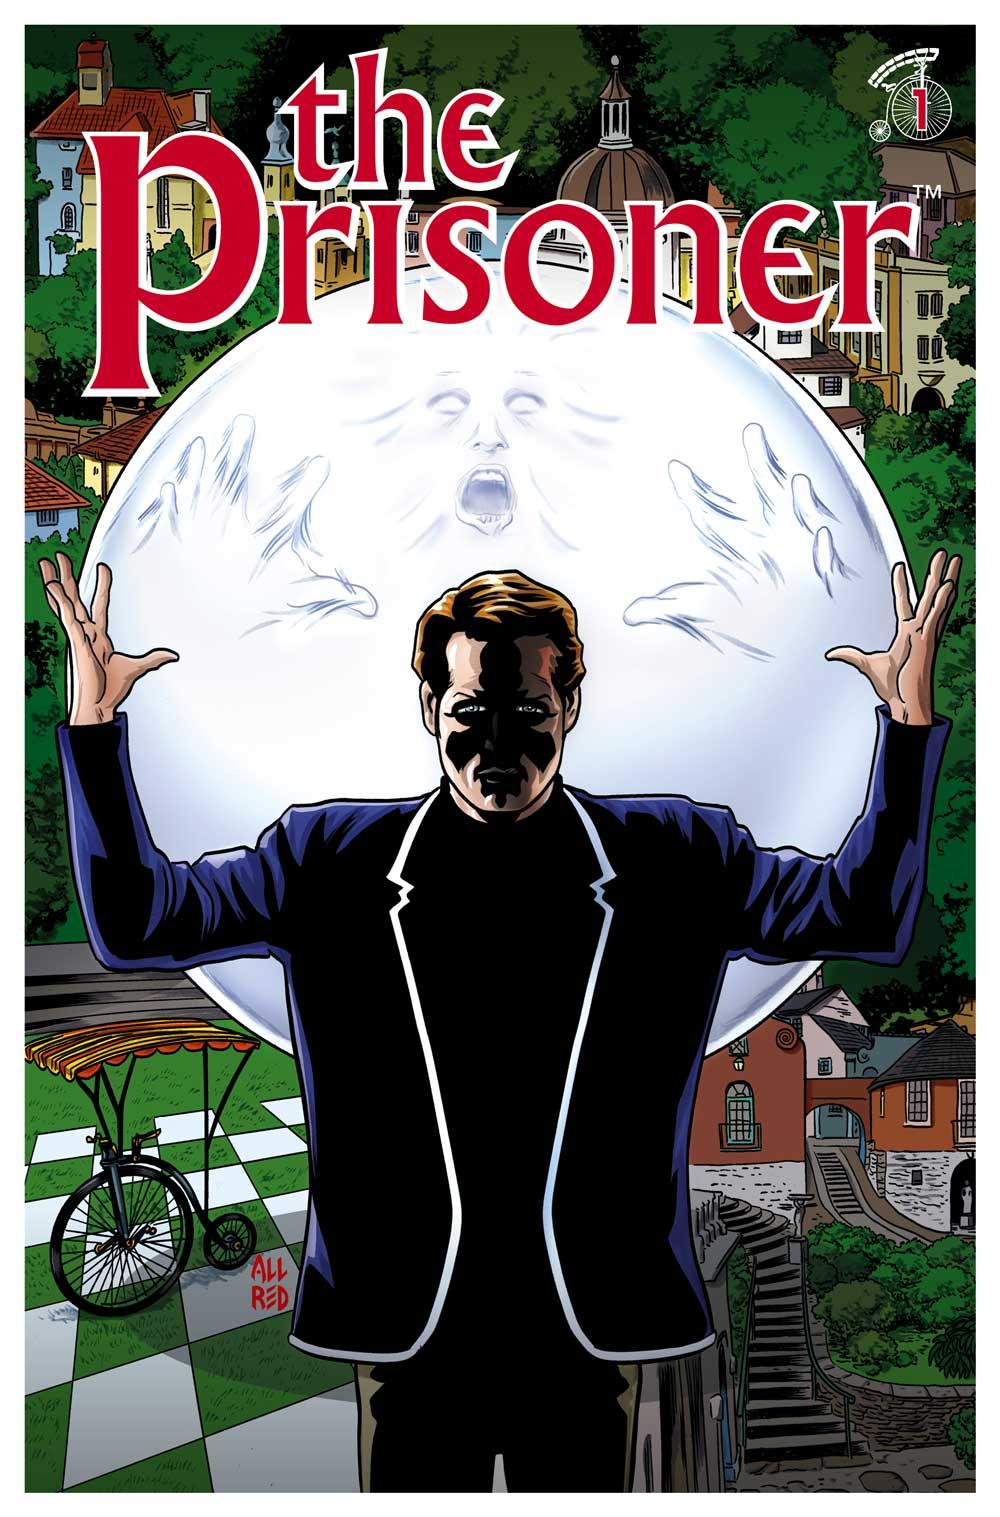 The-Prisoner-Issue-1-Cover-A-Mike-Allred.jpg